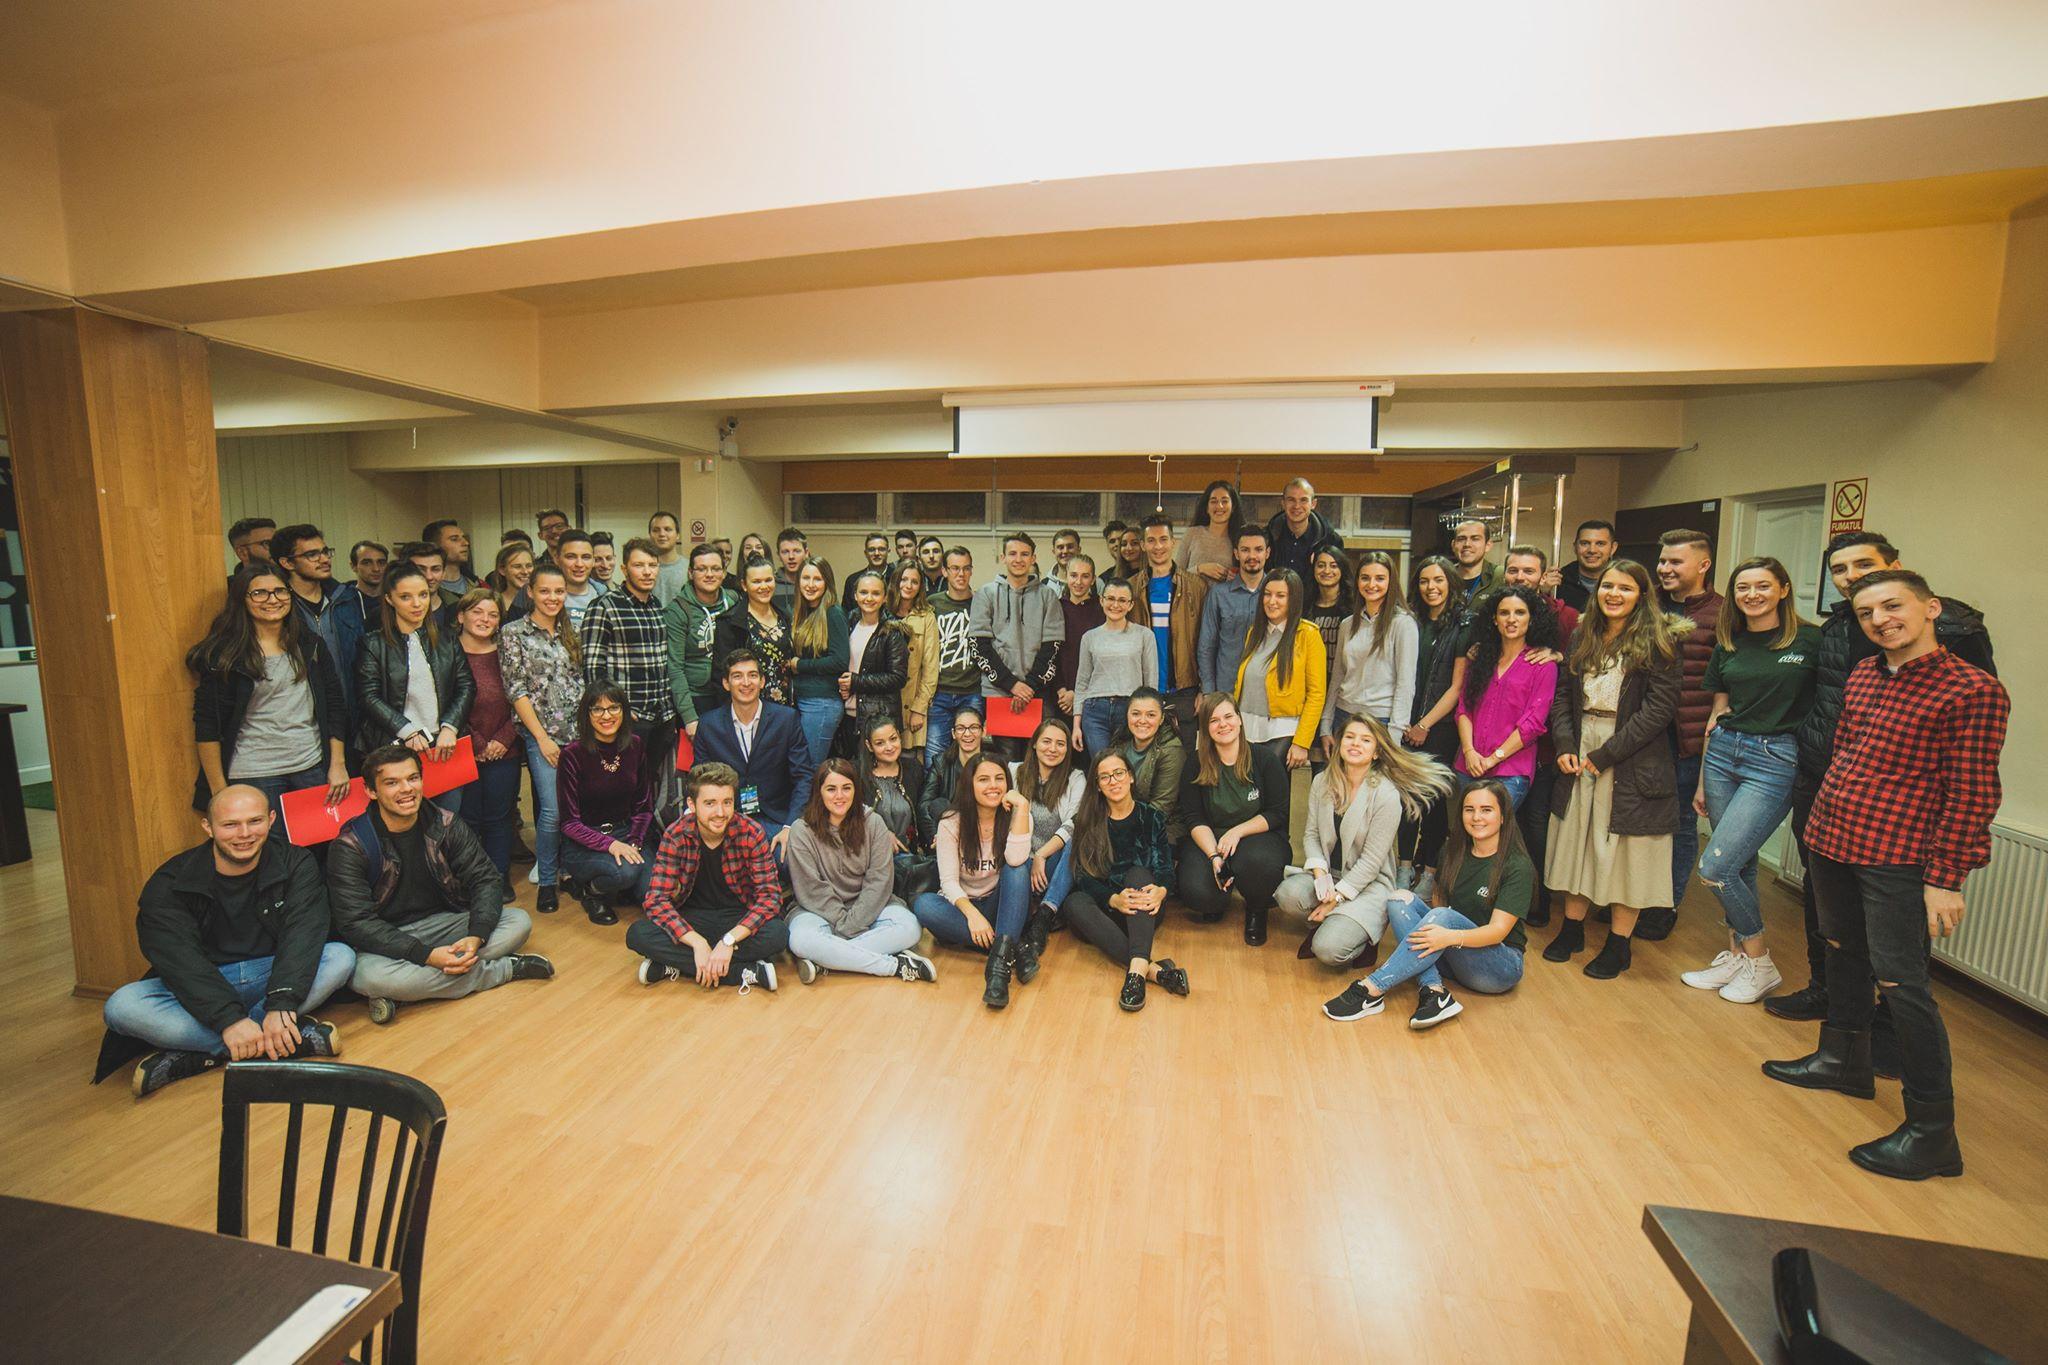 Studenții de la Inginerie promovează voluntariatul pentru dezvoltarea profesională și personală